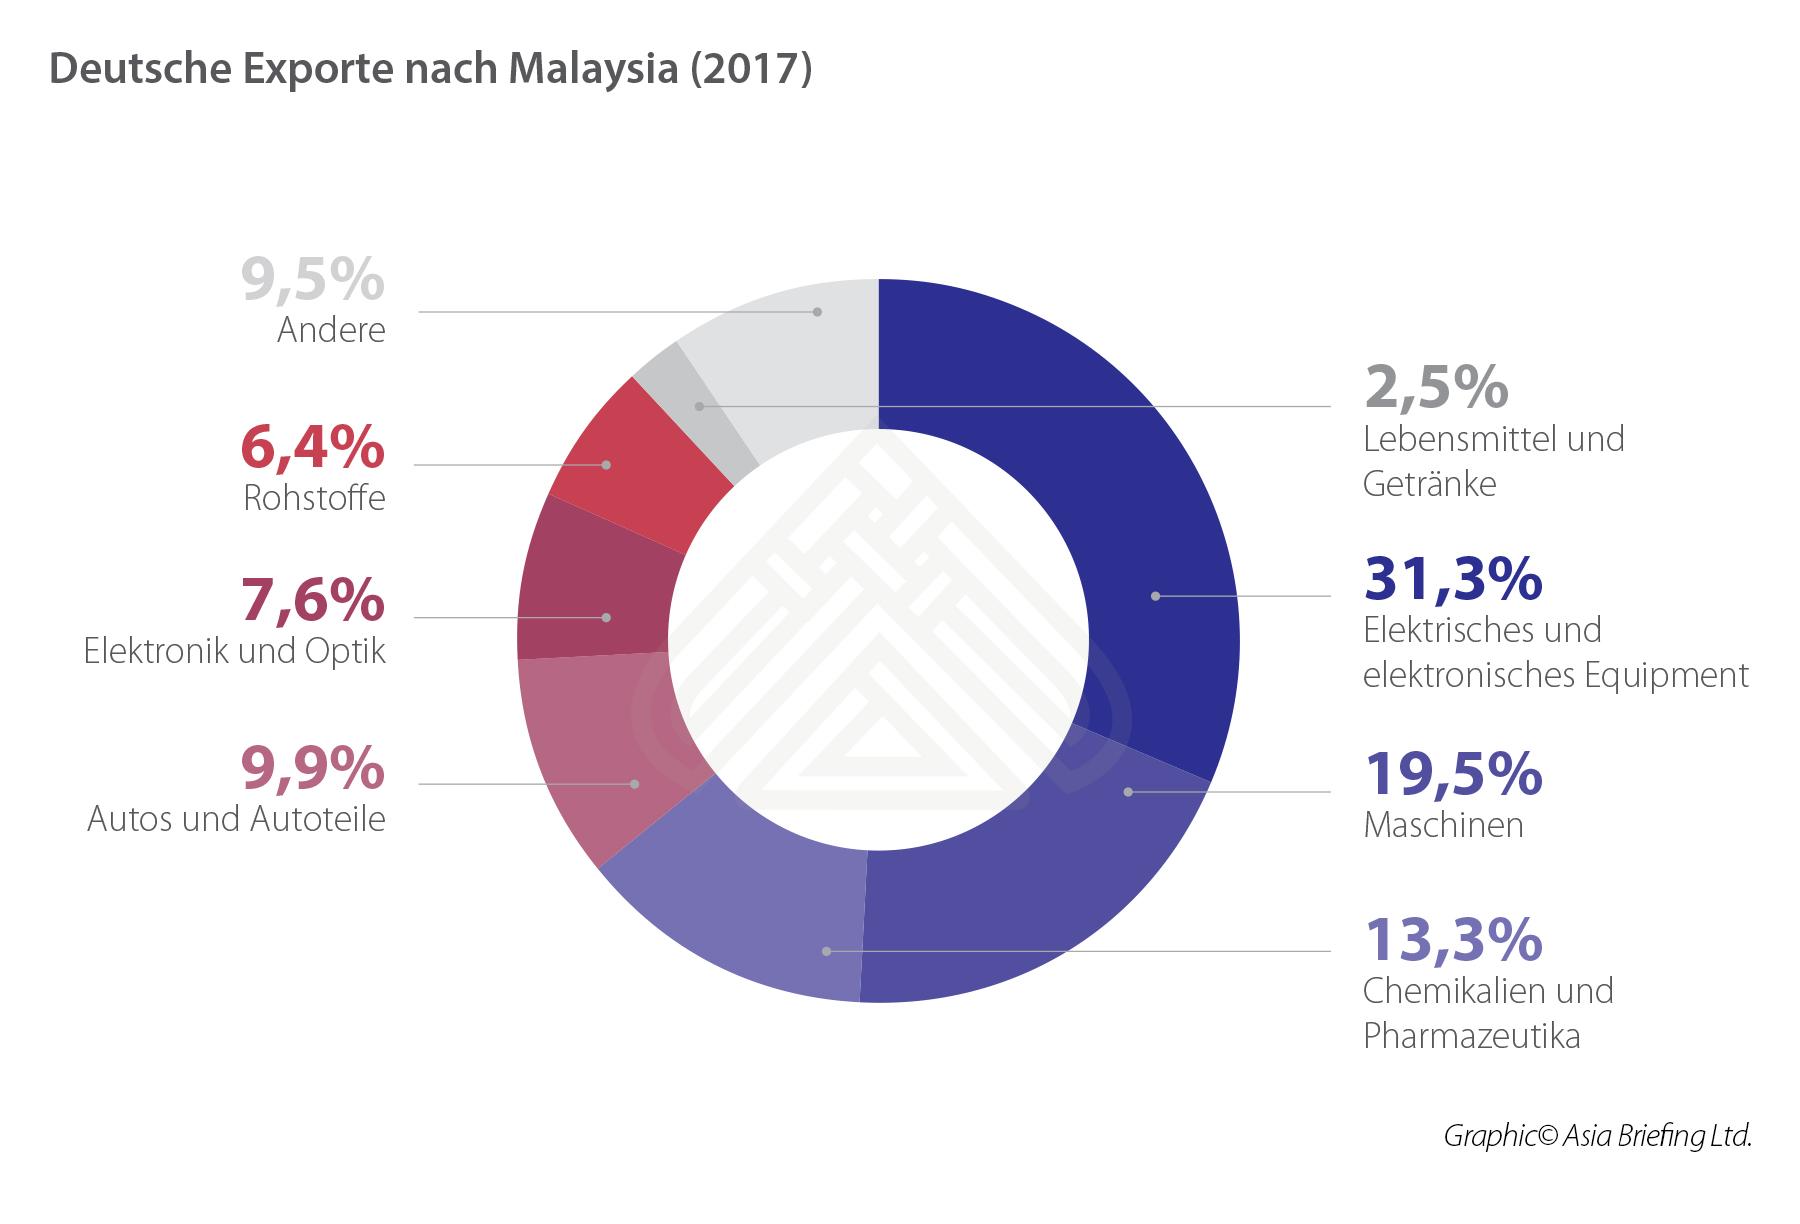 German exports to Malaysia (2017)_DE